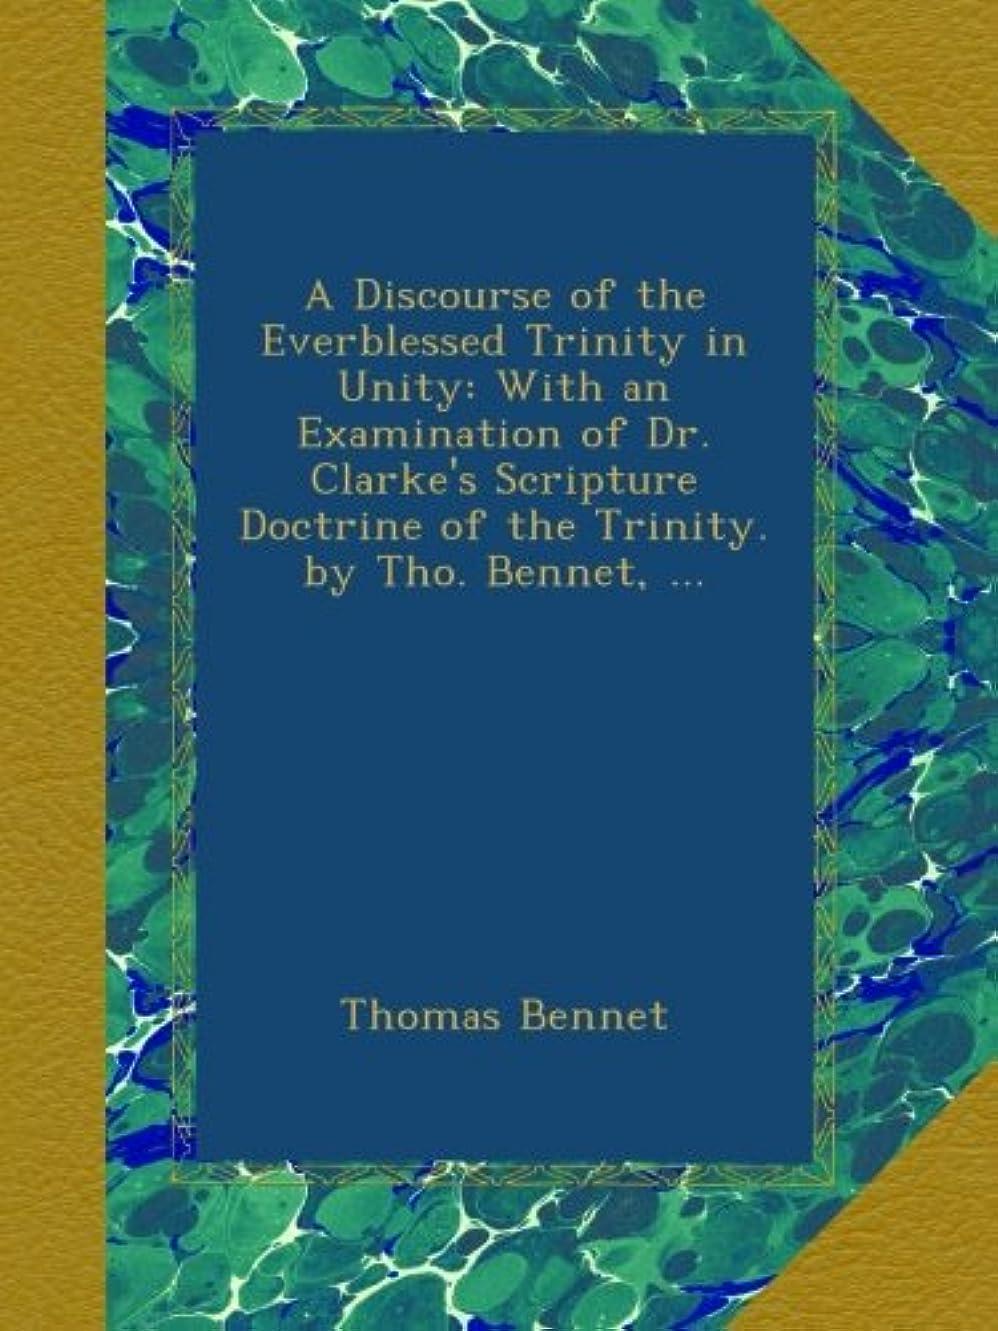 嫌がらせ科学者傾向A Discourse of the Everblessed Trinity in Unity: With an Examination of Dr. Clarke's Scripture Doctrine of the Trinity. by Tho. Bennet, ...